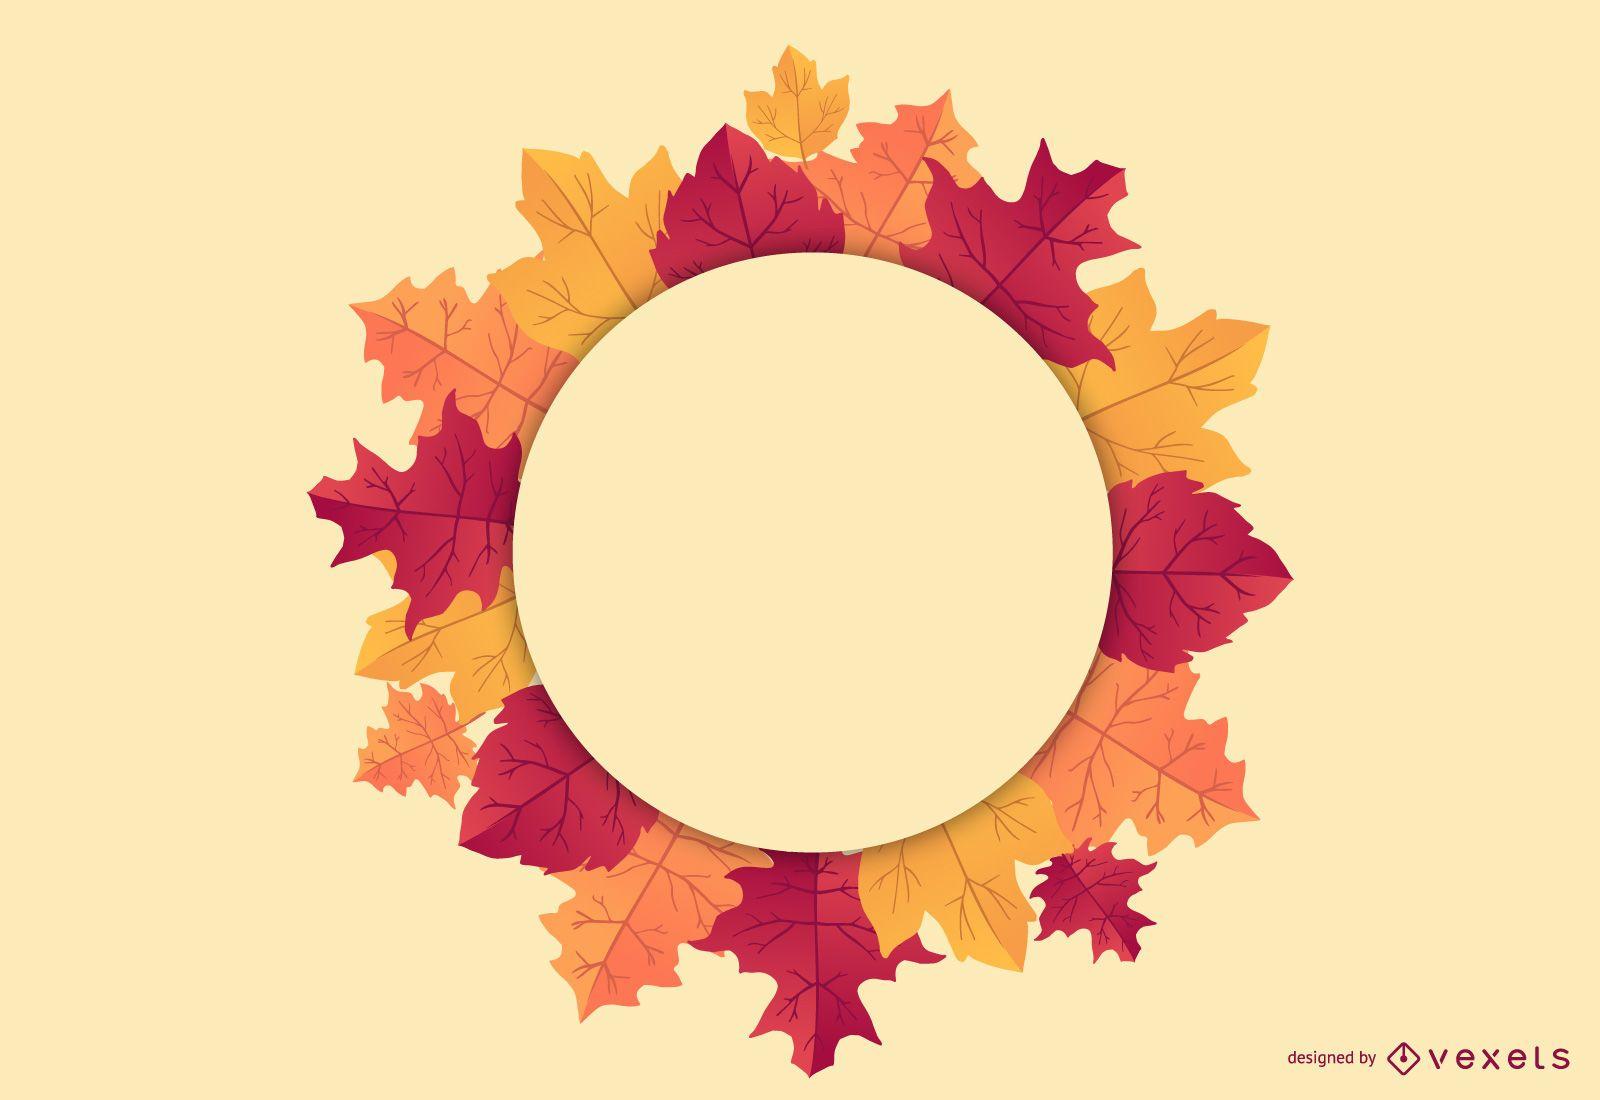 Diseño de insignia redonda de hojas de otoño